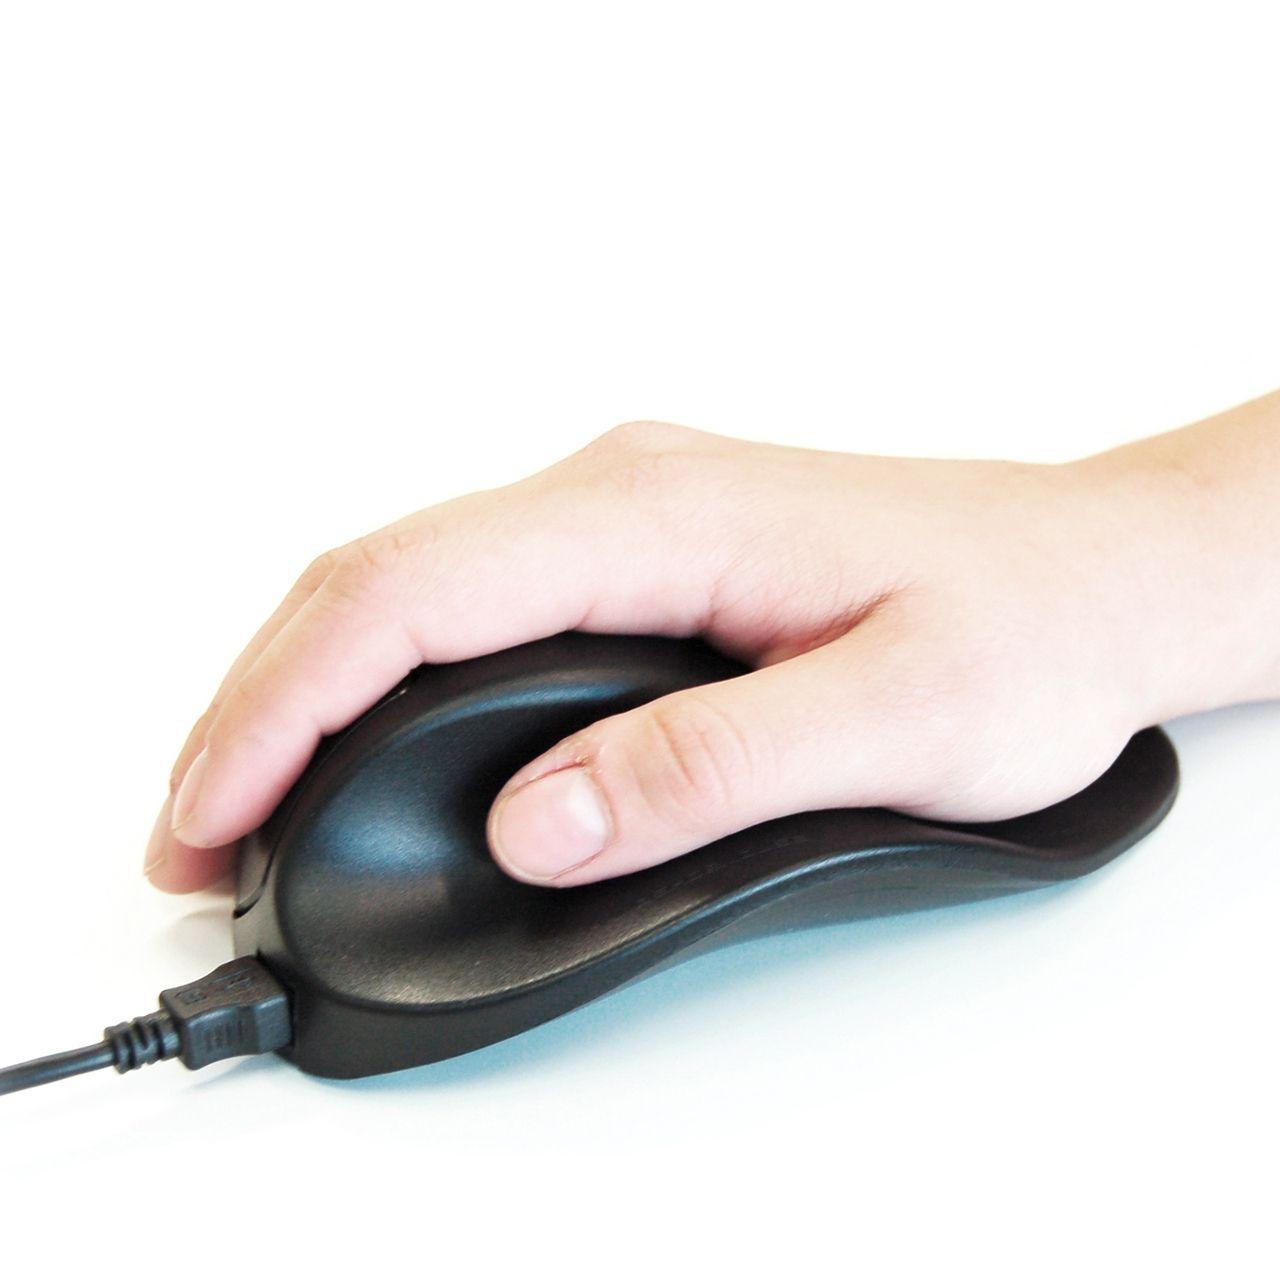 Handshoe-mouse-medium-bedraad-rechts-erkahip311_0000s_0001_zijkant_hand